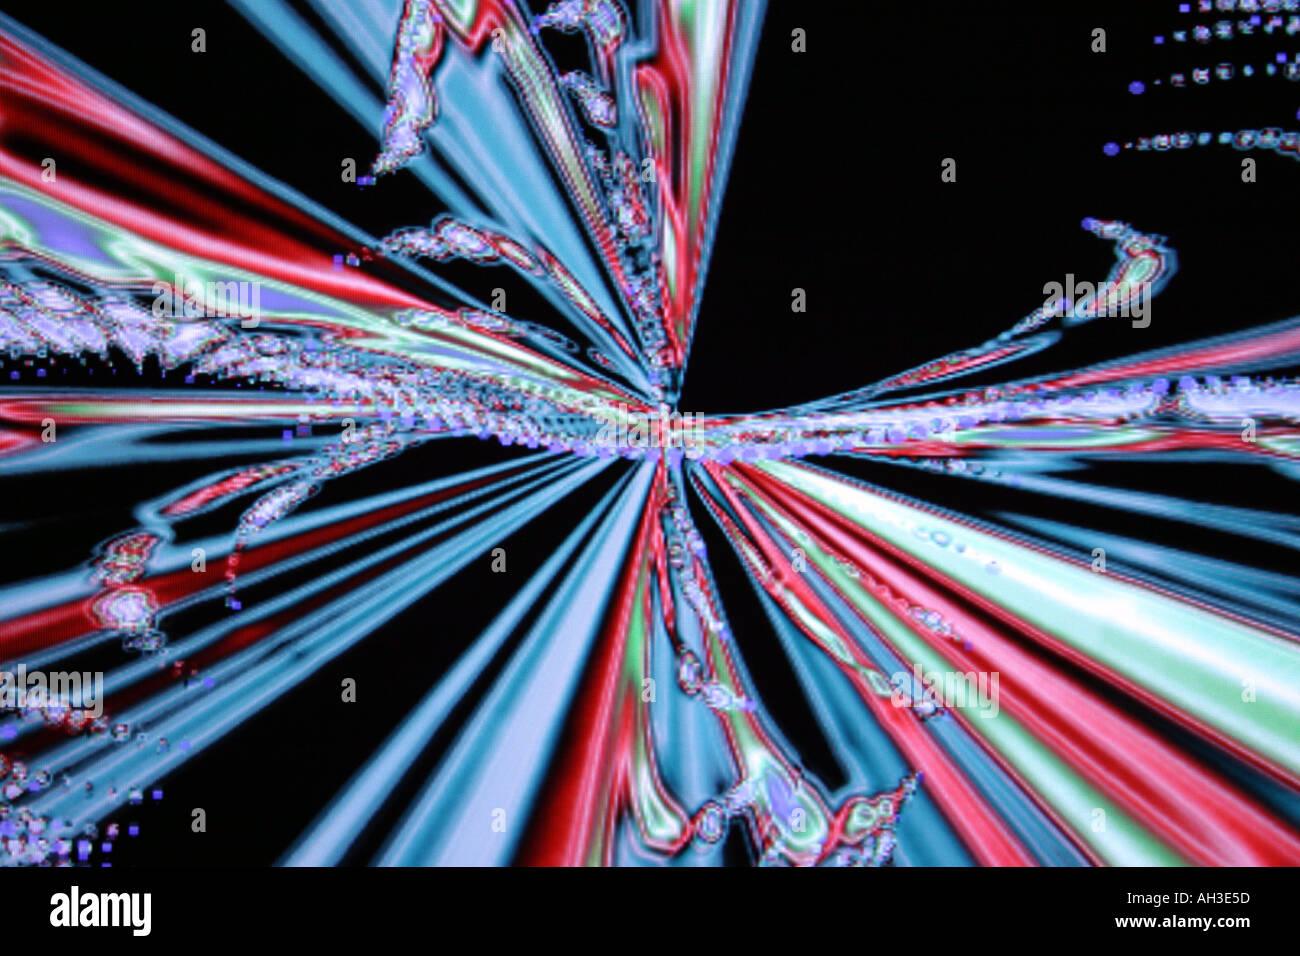 Concettuale astratto sfondi colorati conceptual hi tech effetti speciali surreale Immagini Stock